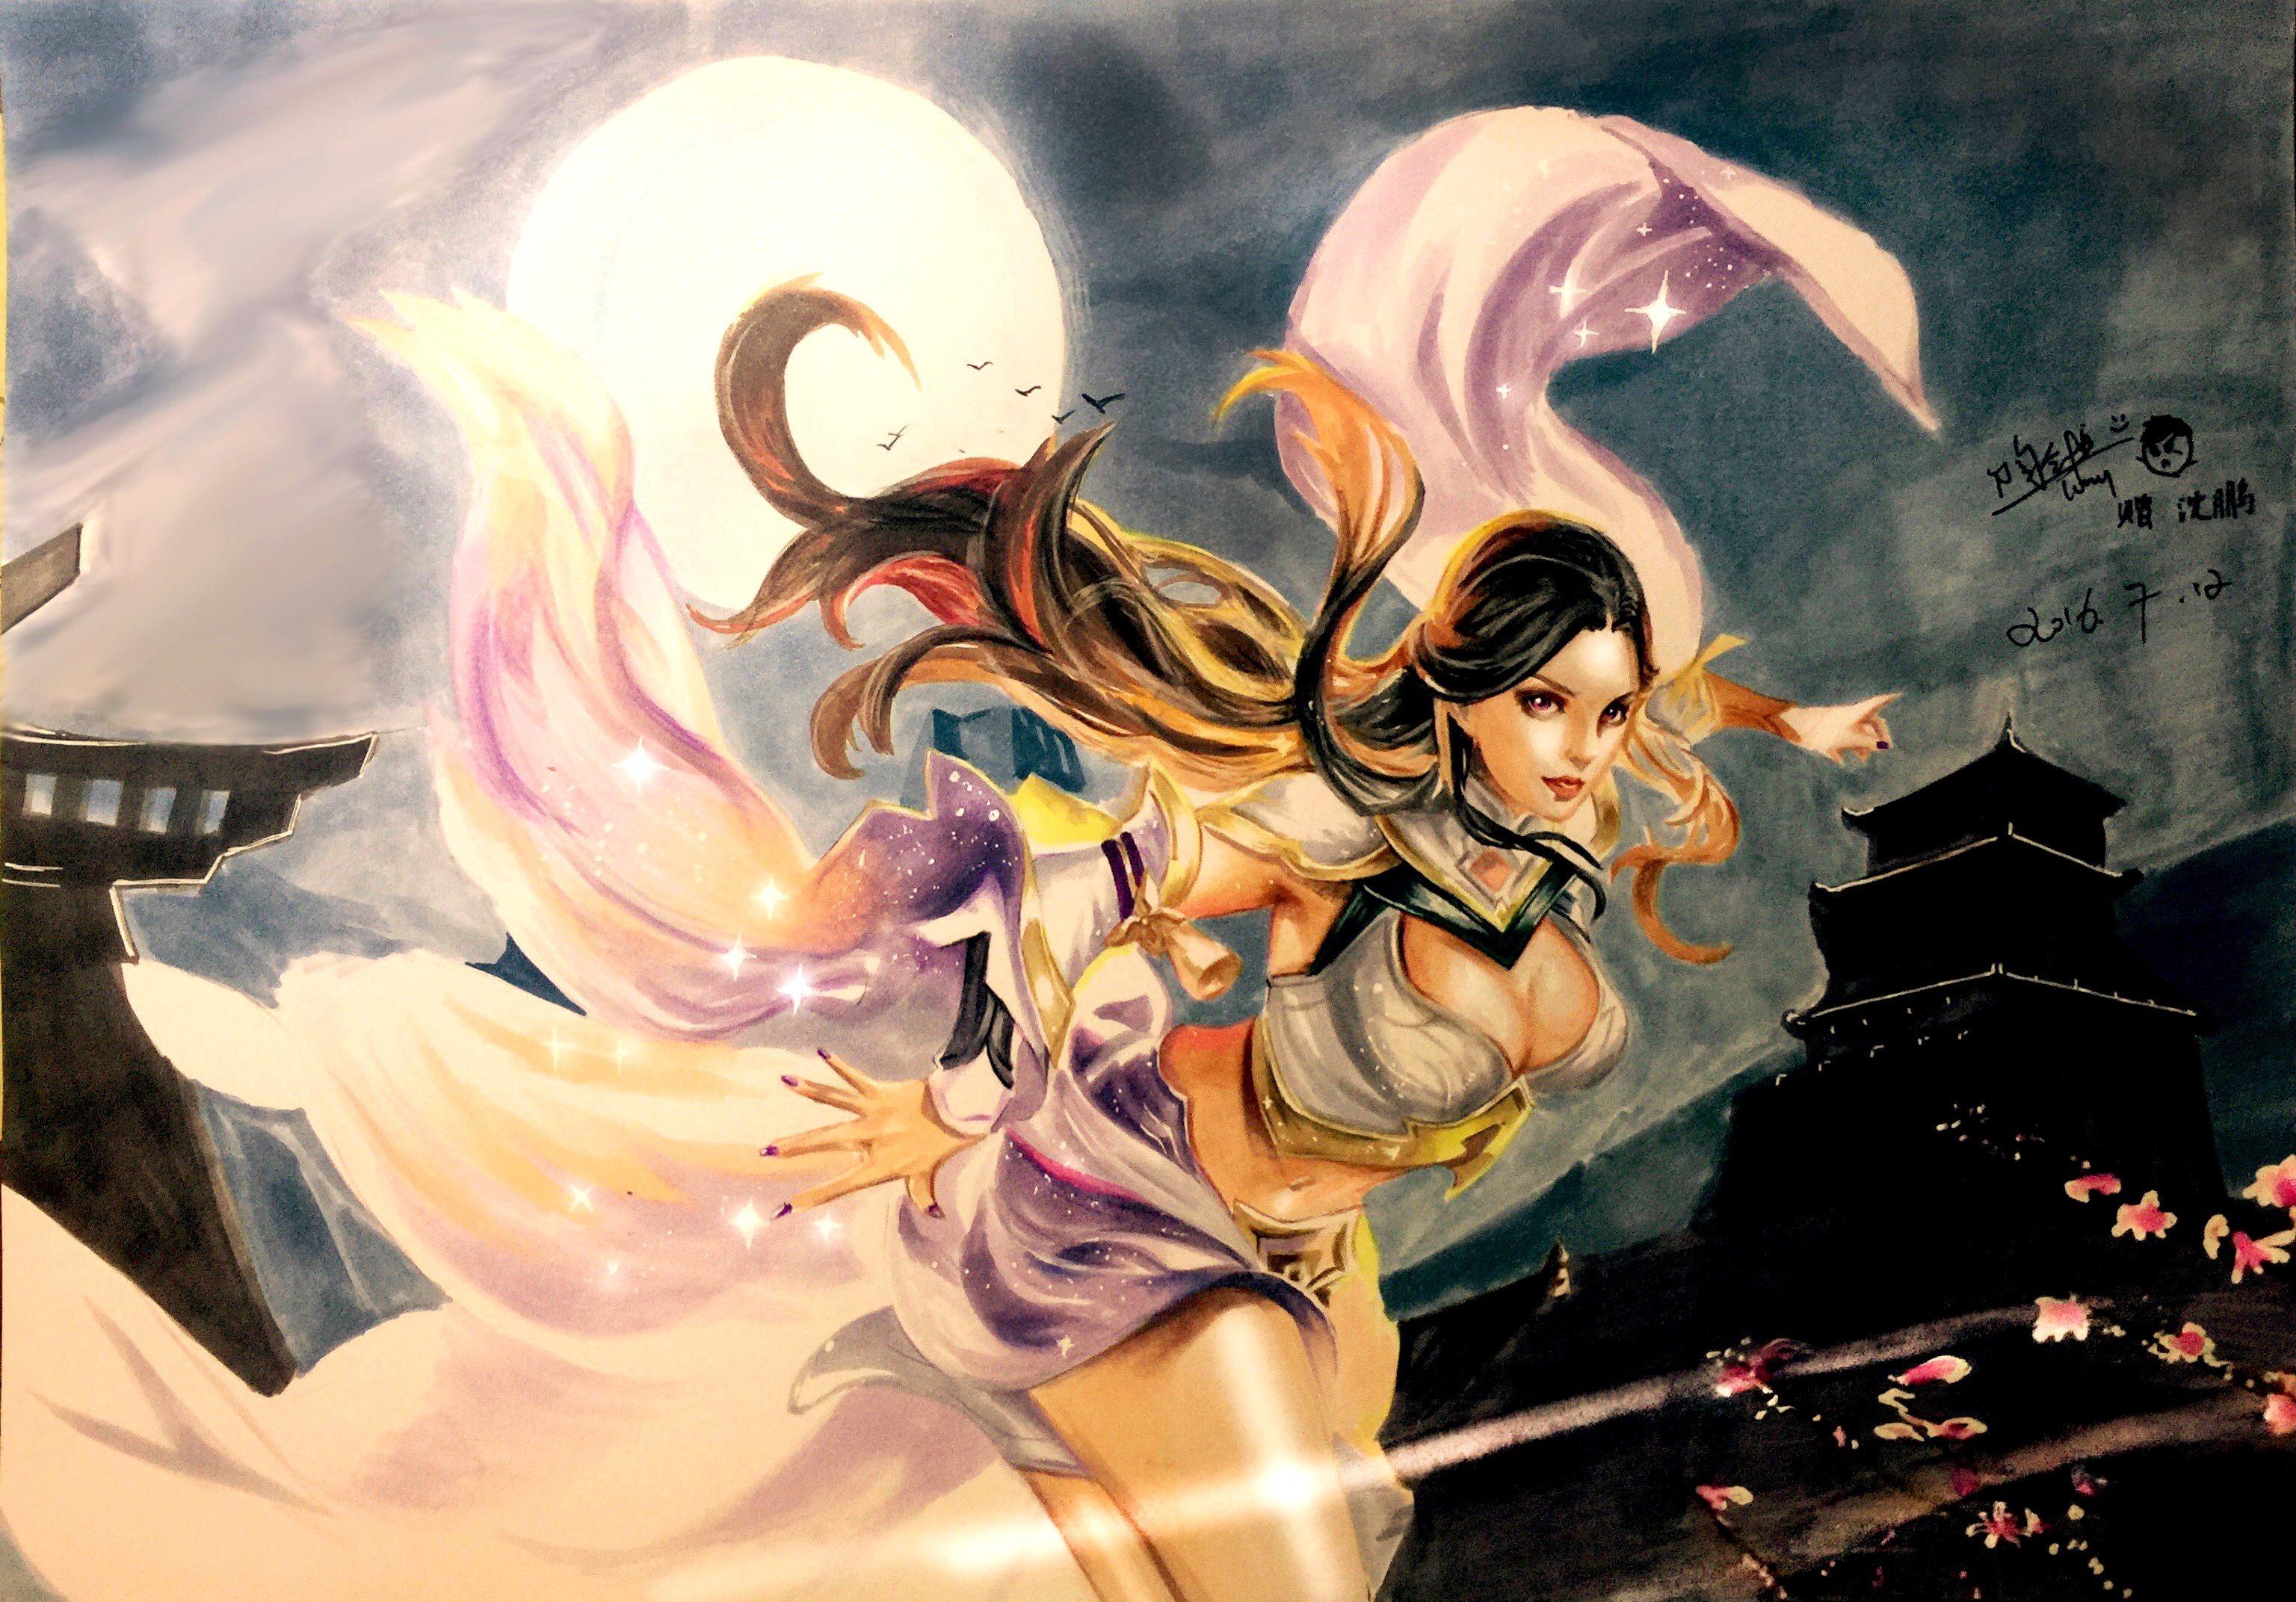 马克笔手绘王者荣耀原画紫霞仙子,背景马克笔没水了…结果就有点粗糙